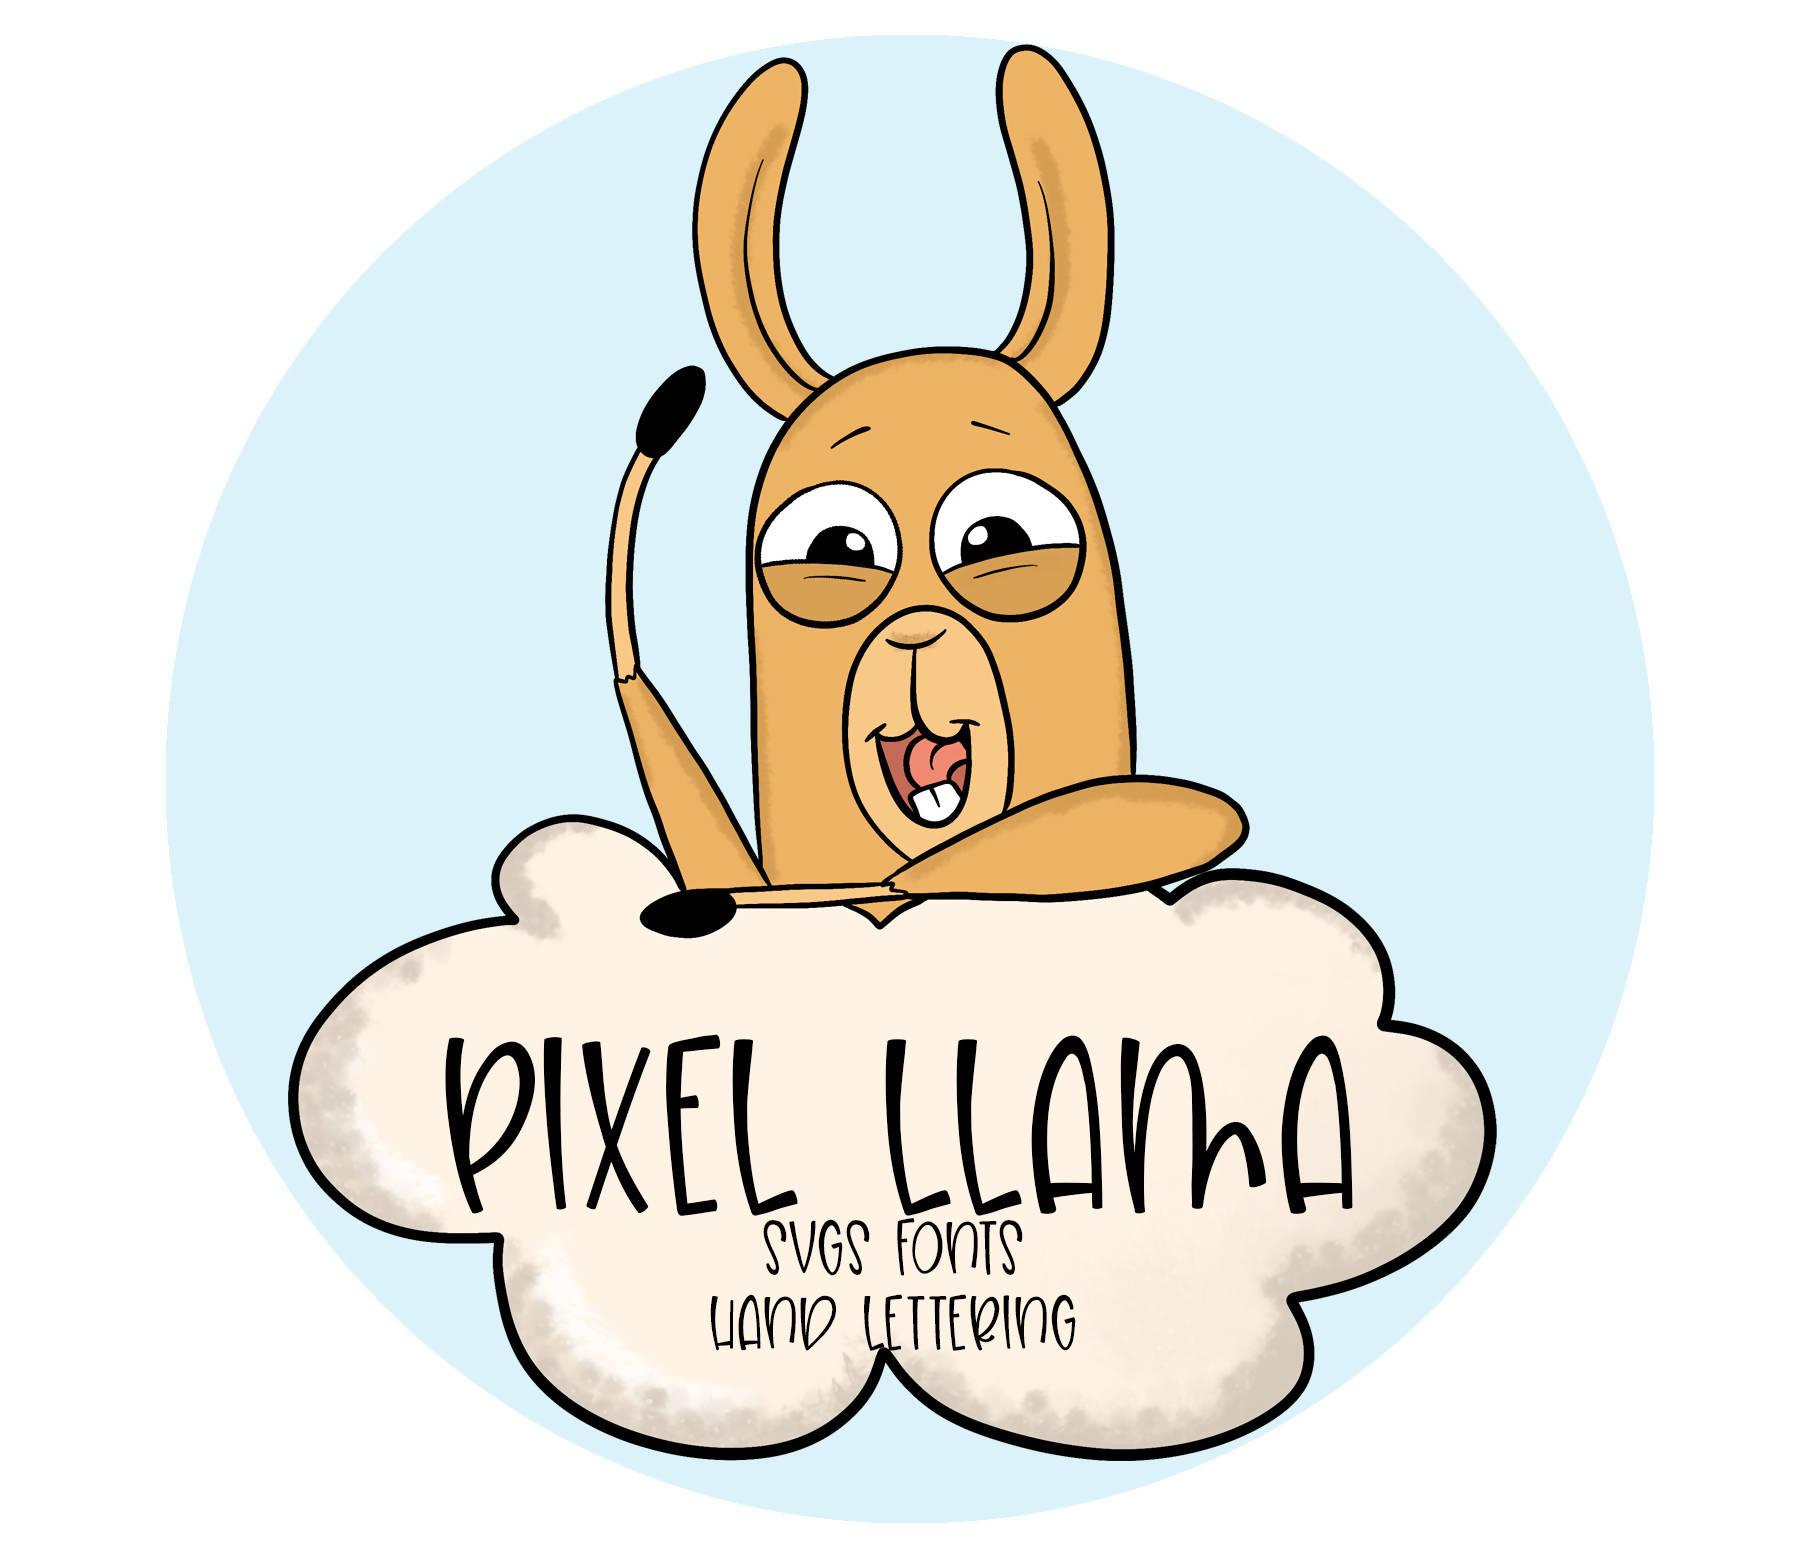 The Pixel Llama